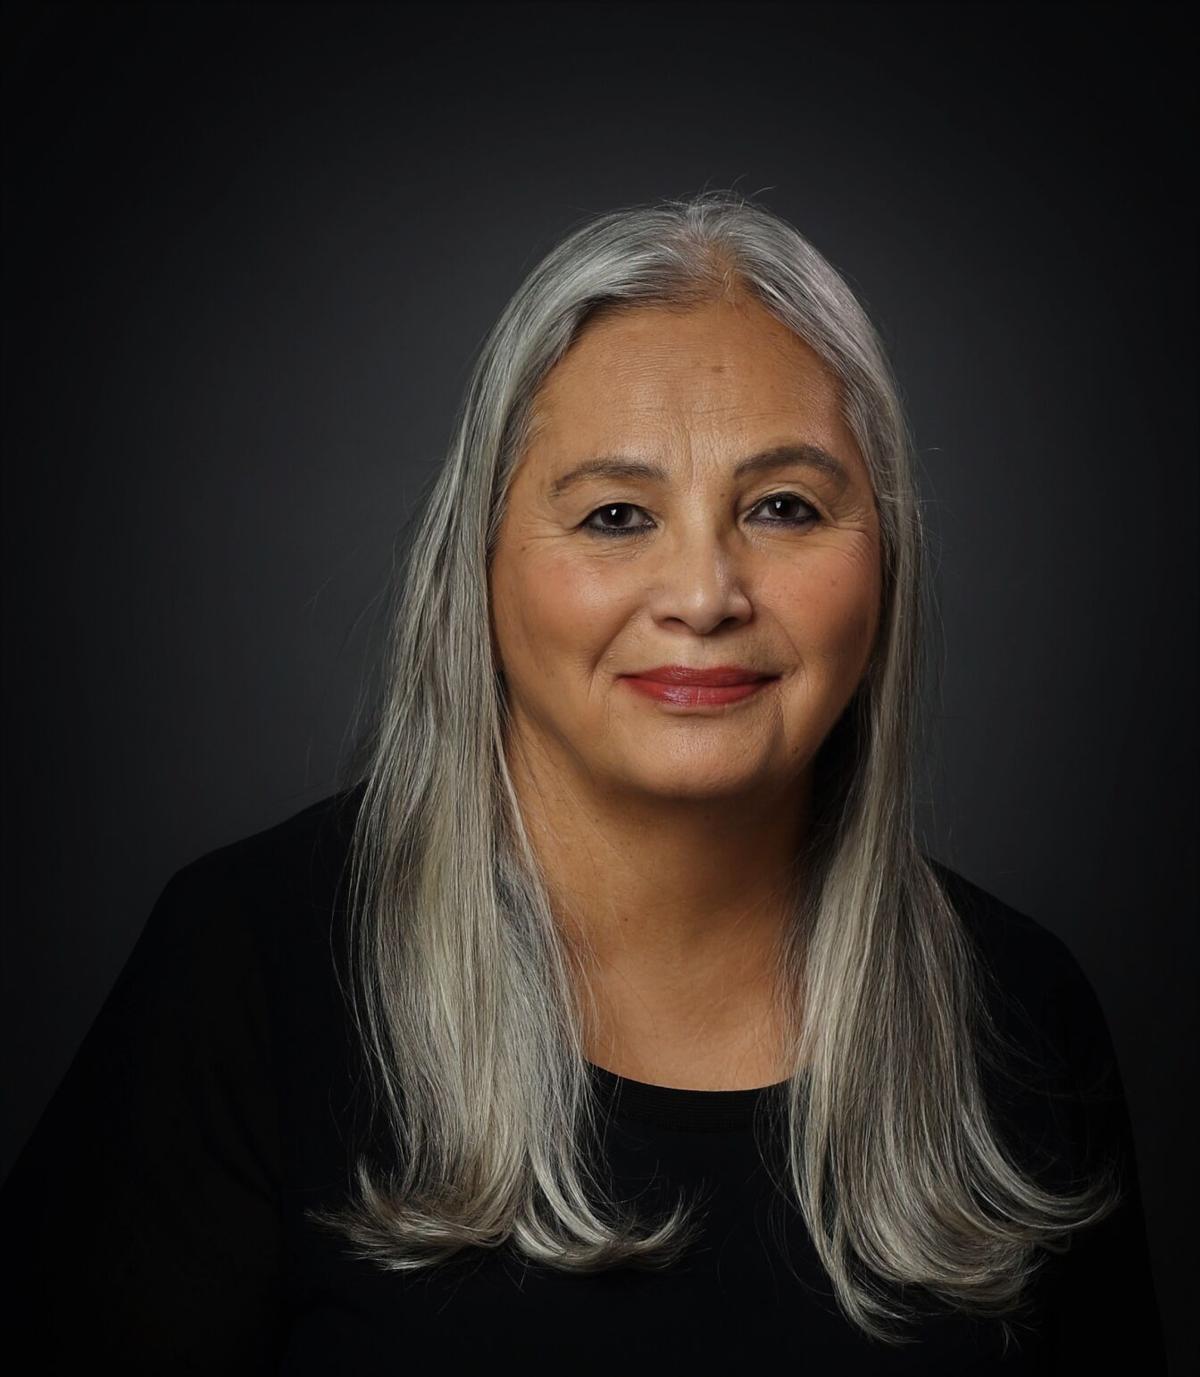 Denise Lajimodiere